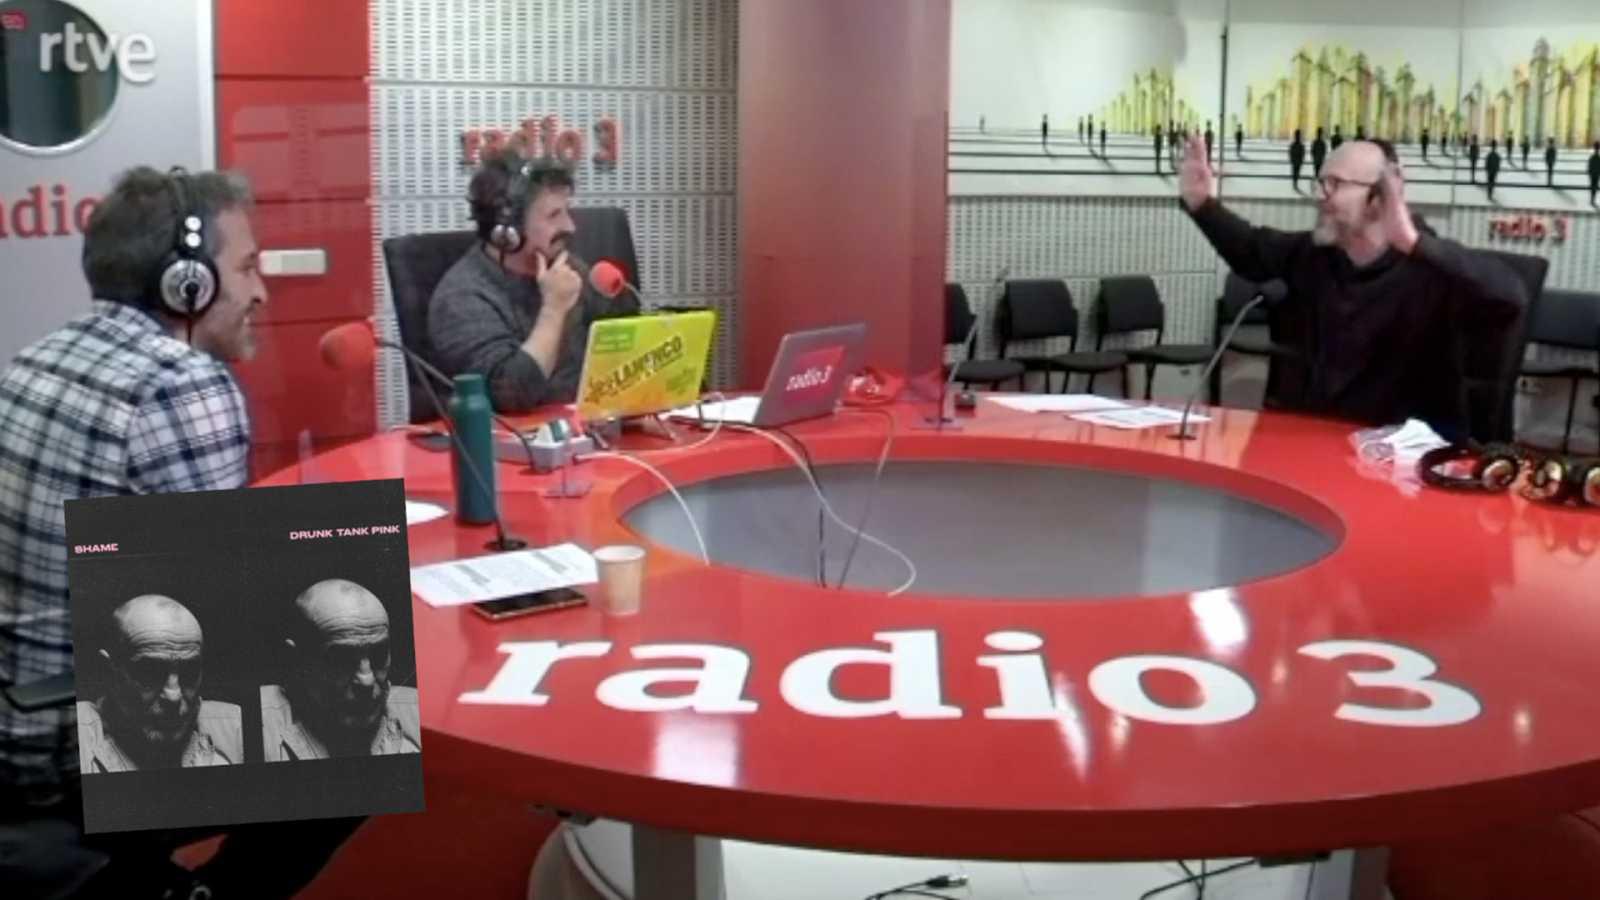 Hoy empieza todo con Ángel Carmona - Aiko el Grupo, Shame y Deslenguados - 18/01/21 - escuchar ahora